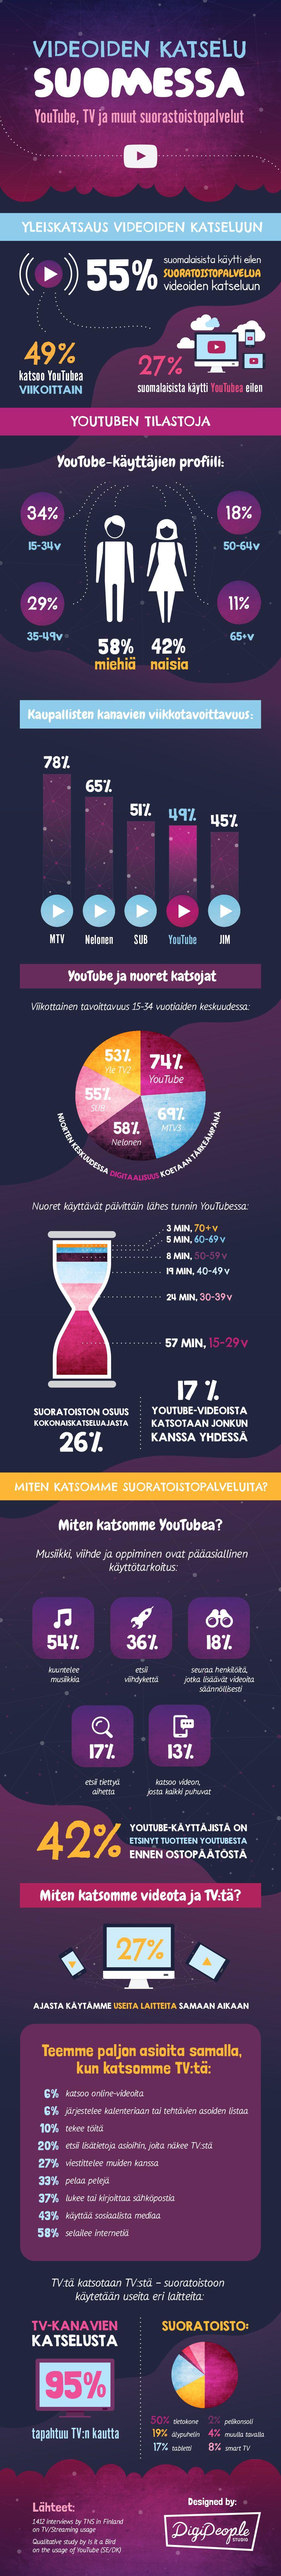 VIDEOIDEN KATSOMINEN SUOMESSA INFOGRAAFI - Videoiden katselu Suomessa Infograafi - YouTube, TV ja muut suorastoistopalvelut